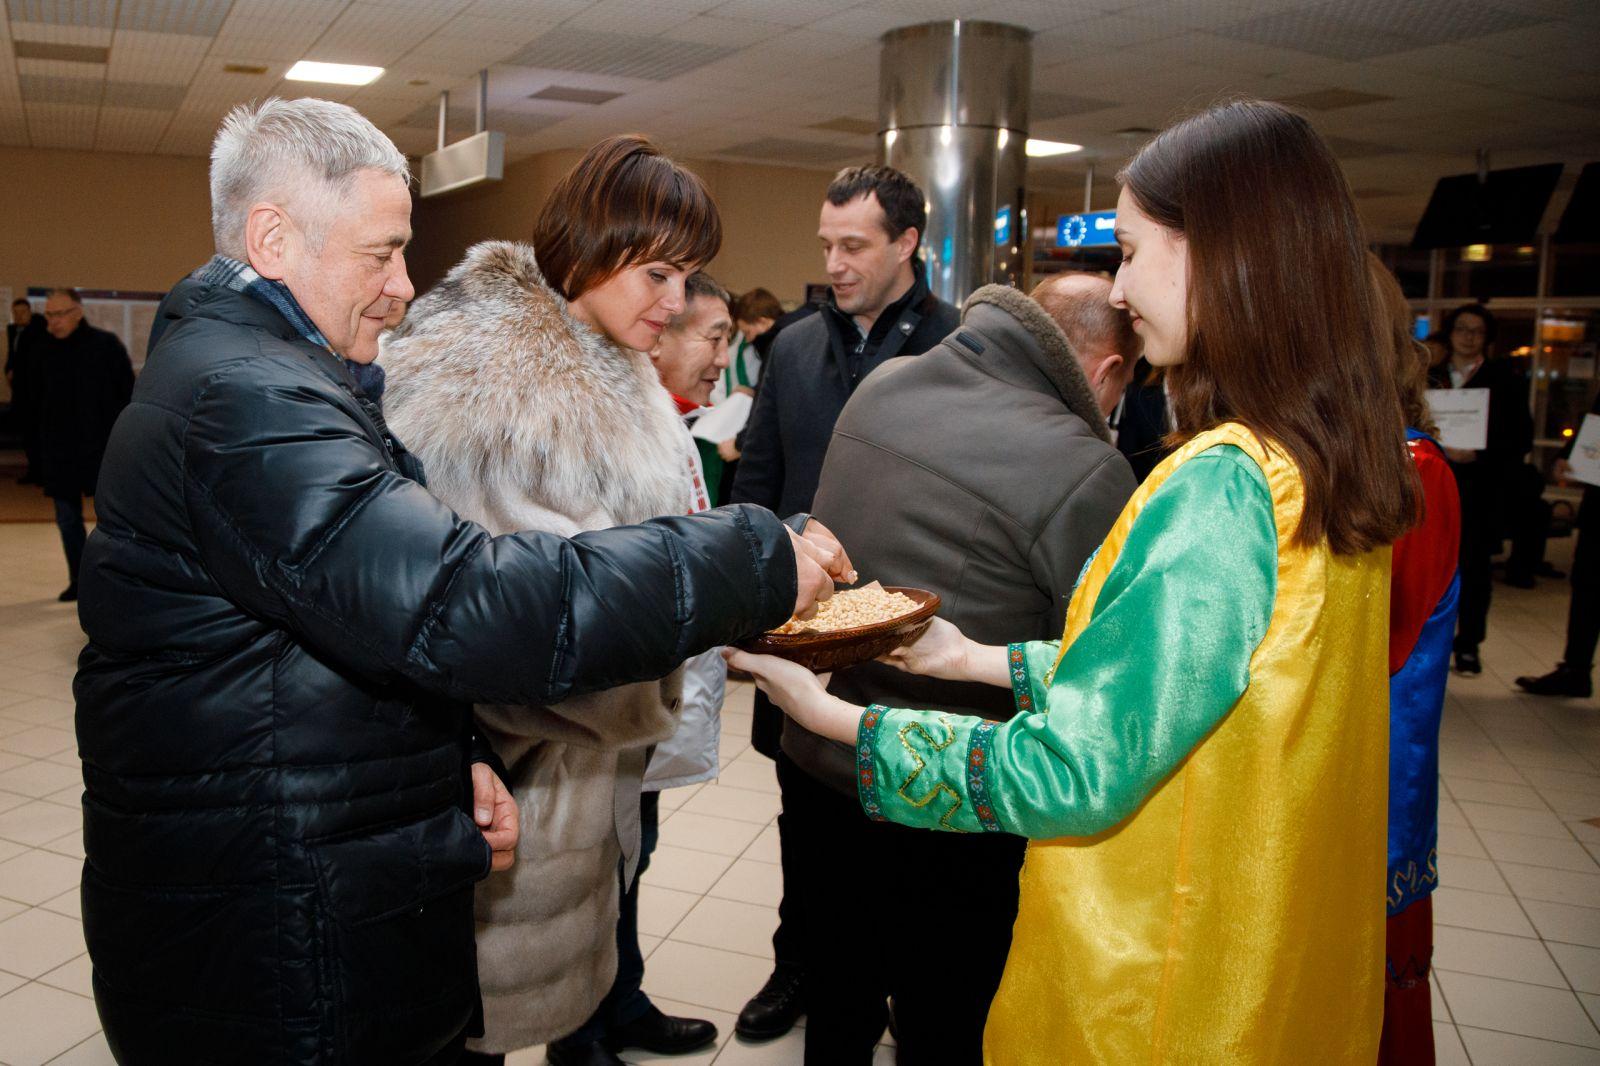 П.А. Рожков и члены Исполкома ПКР прибыли в г. Ханты-Мансийск для проведения V Всероссийского форума по развитию Паралимпийского движения в Российской Федерации